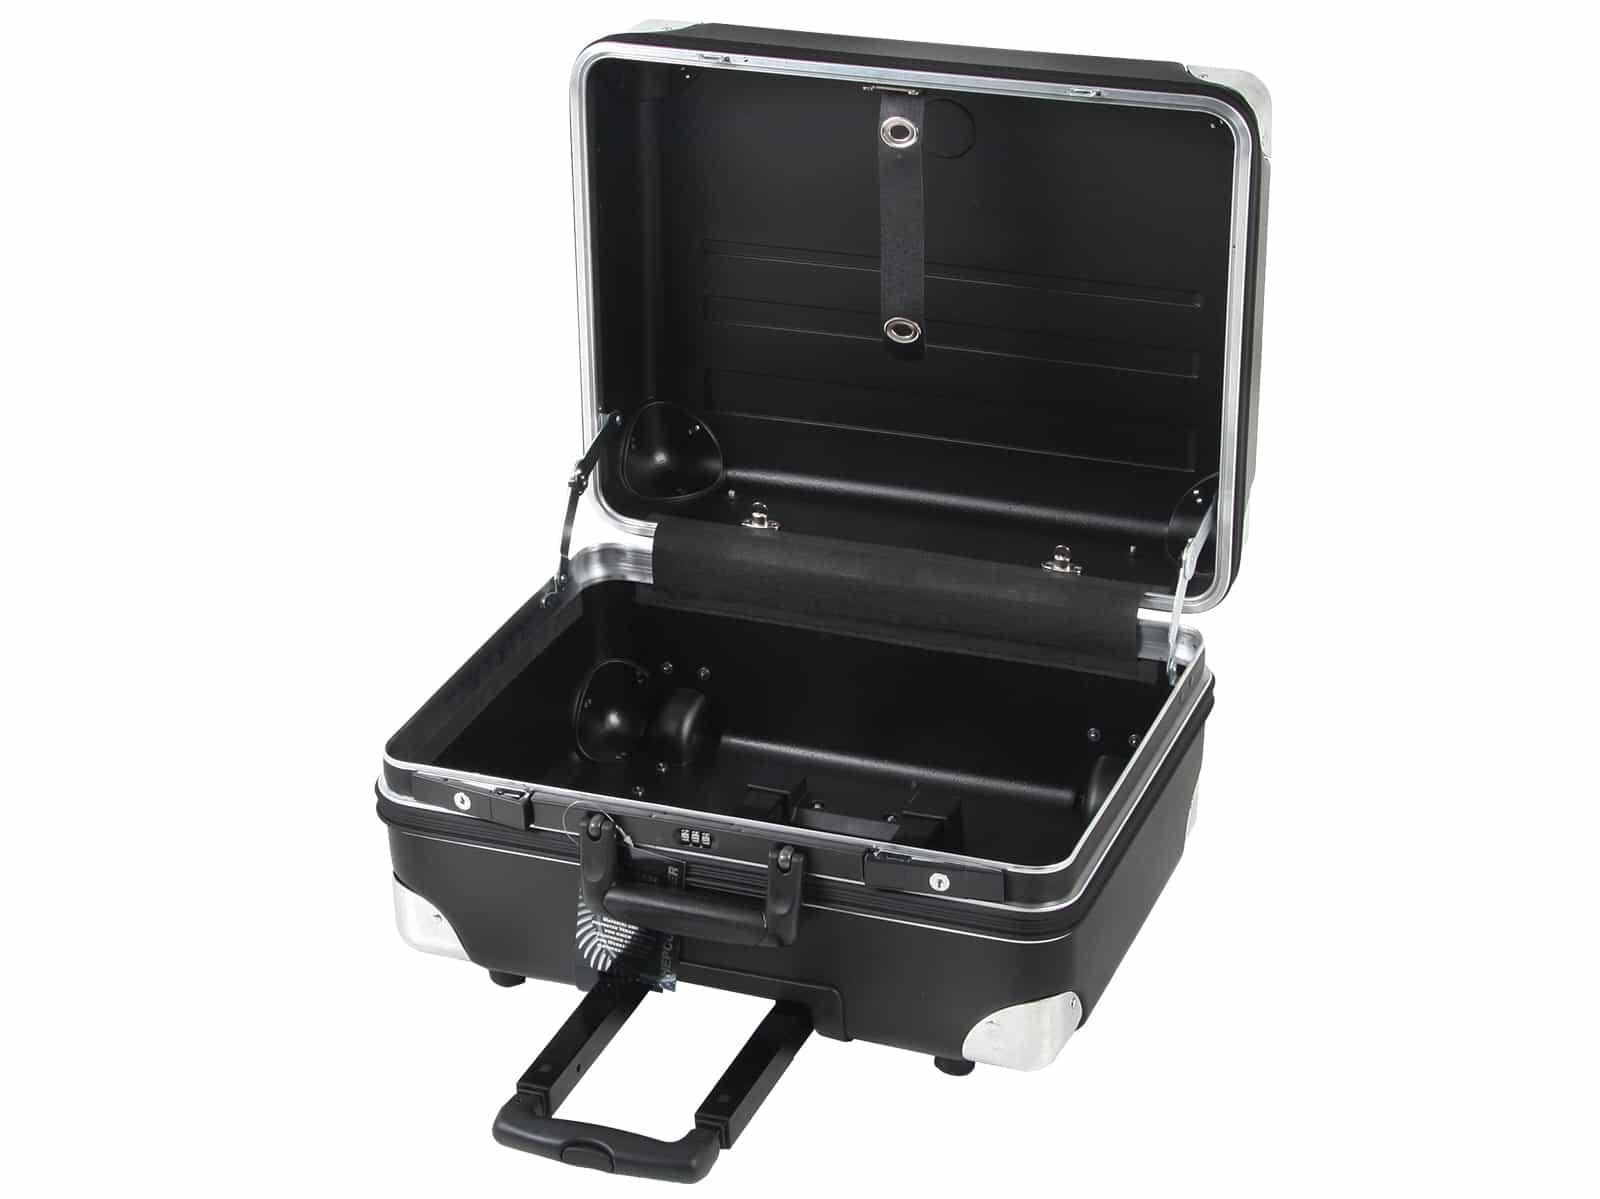 Werkzeugkoffer Robust 5775 E inkl. Trolleyfunktion 37 ltr. HDPE bruchsicher, Leerkoffer + TSA Schloss